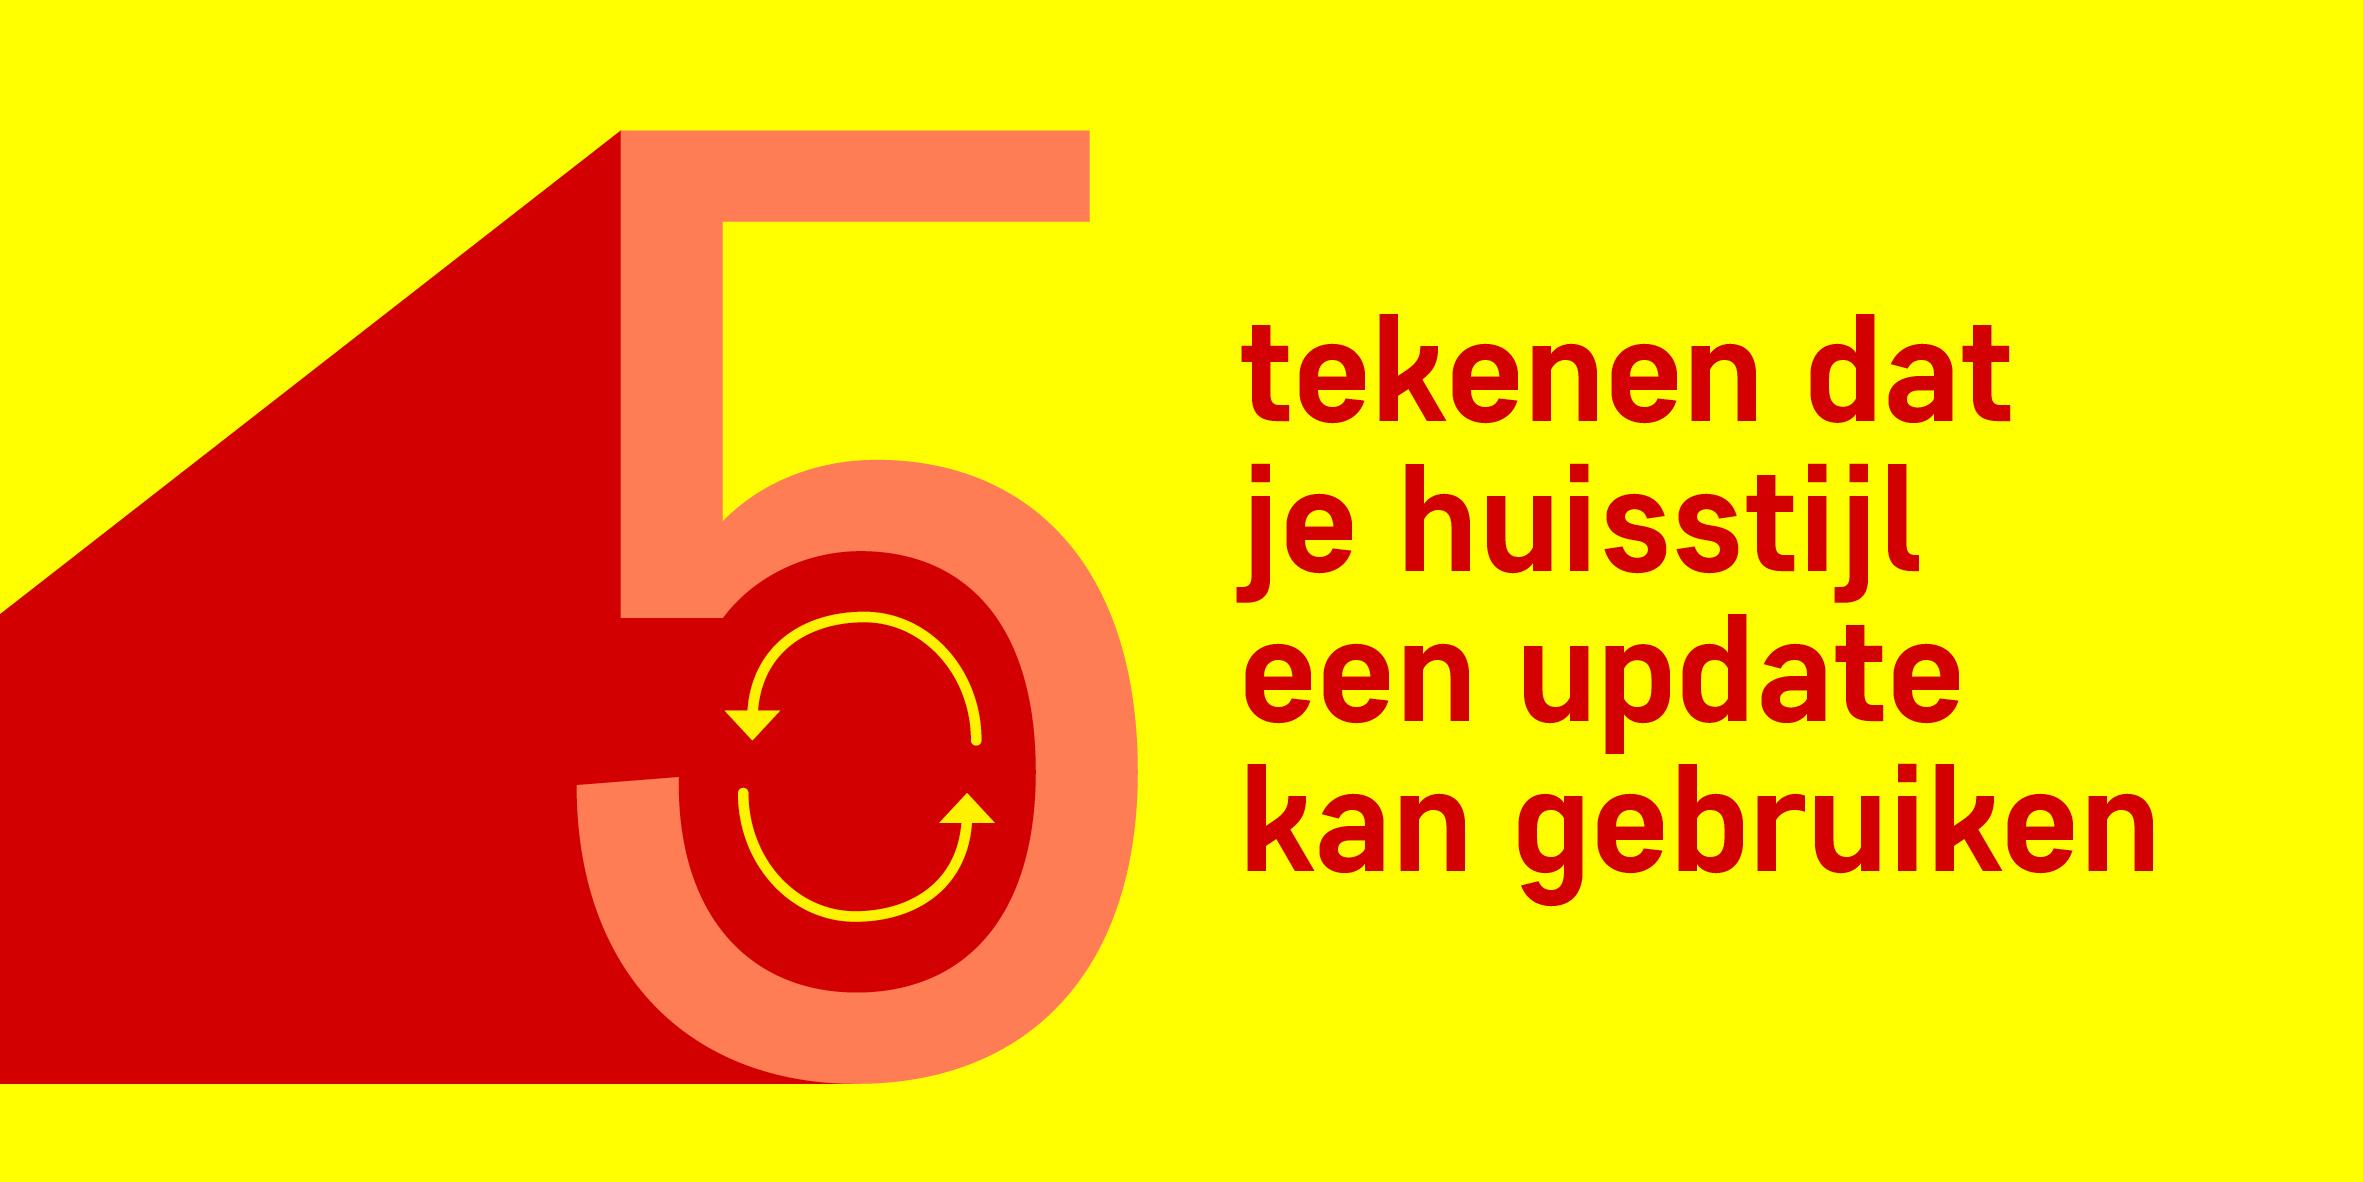 5 tekenen dat je huisstijl een update kan gebruiken